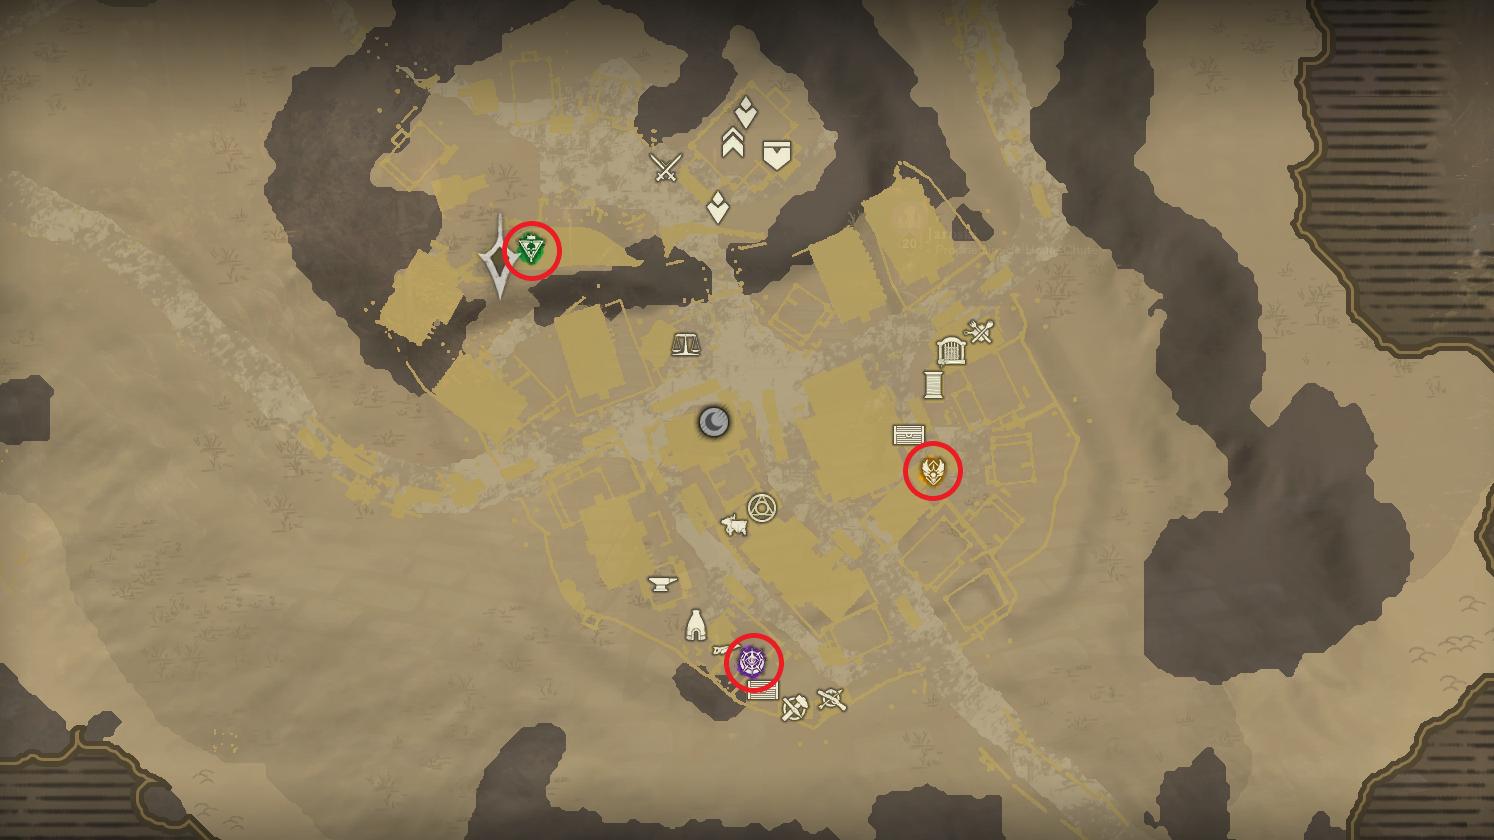 new-world-engagement-pour-la-cause-map